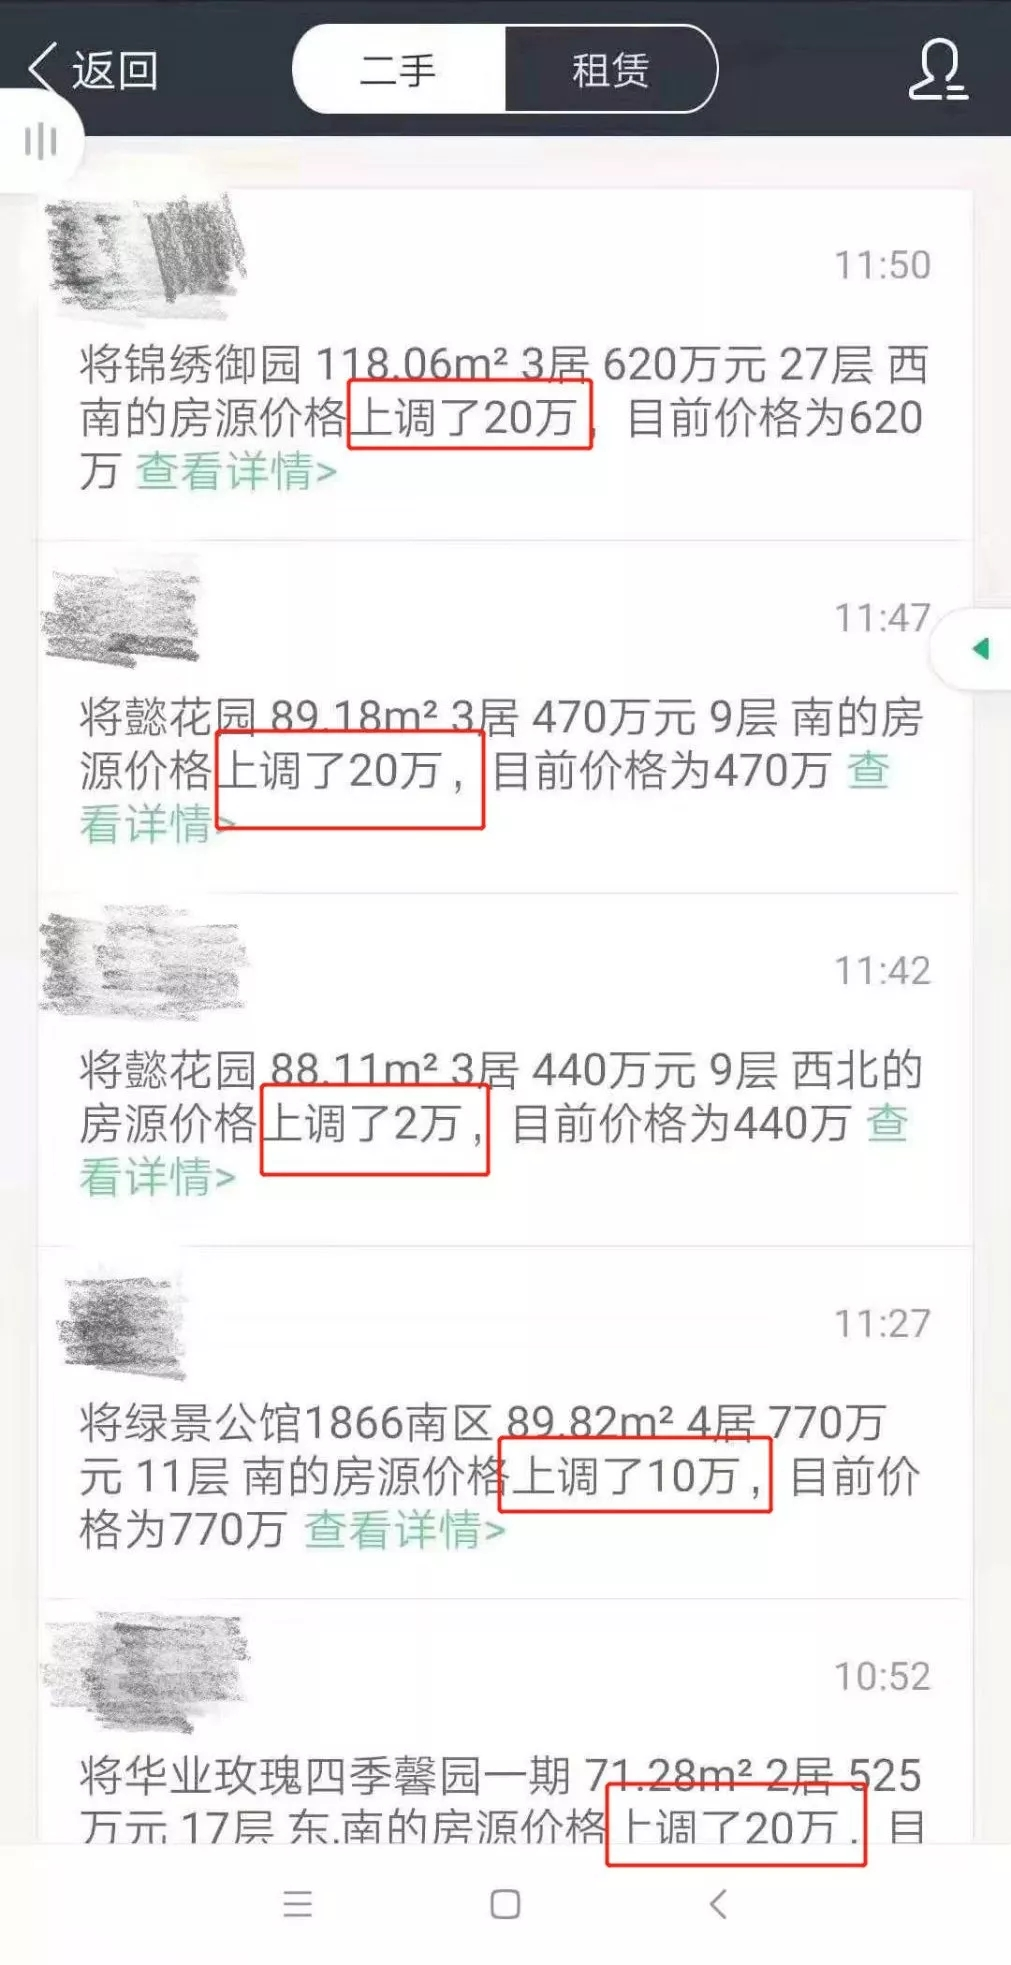 海外流媒体自制华语剧抢滩中国市场奈飞启程遇坎坷